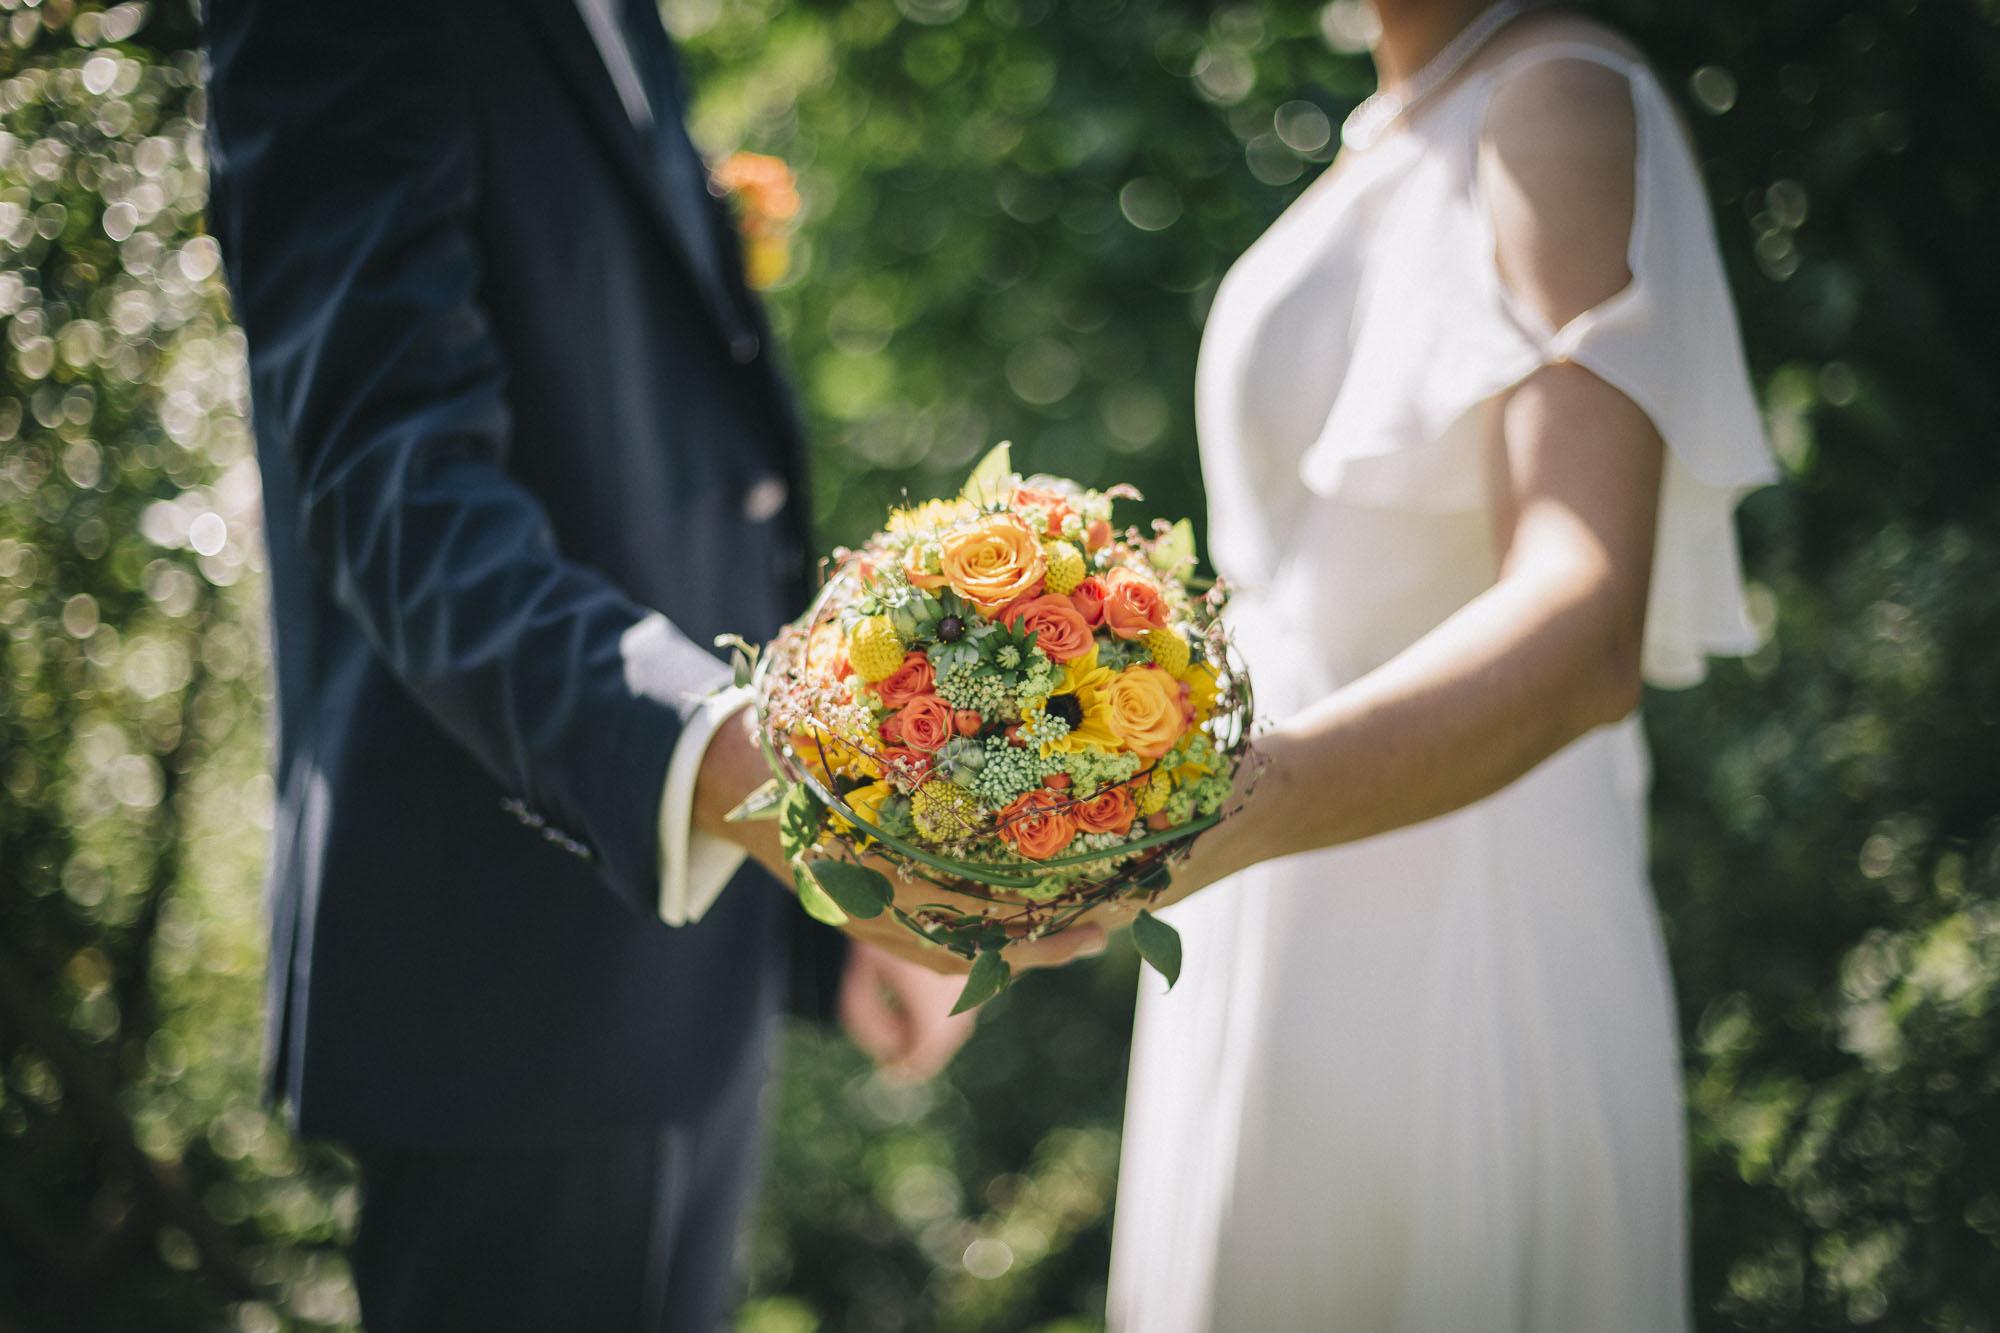 Hochzeitsreportage-Crailsheim-Krystina-Stefan-15